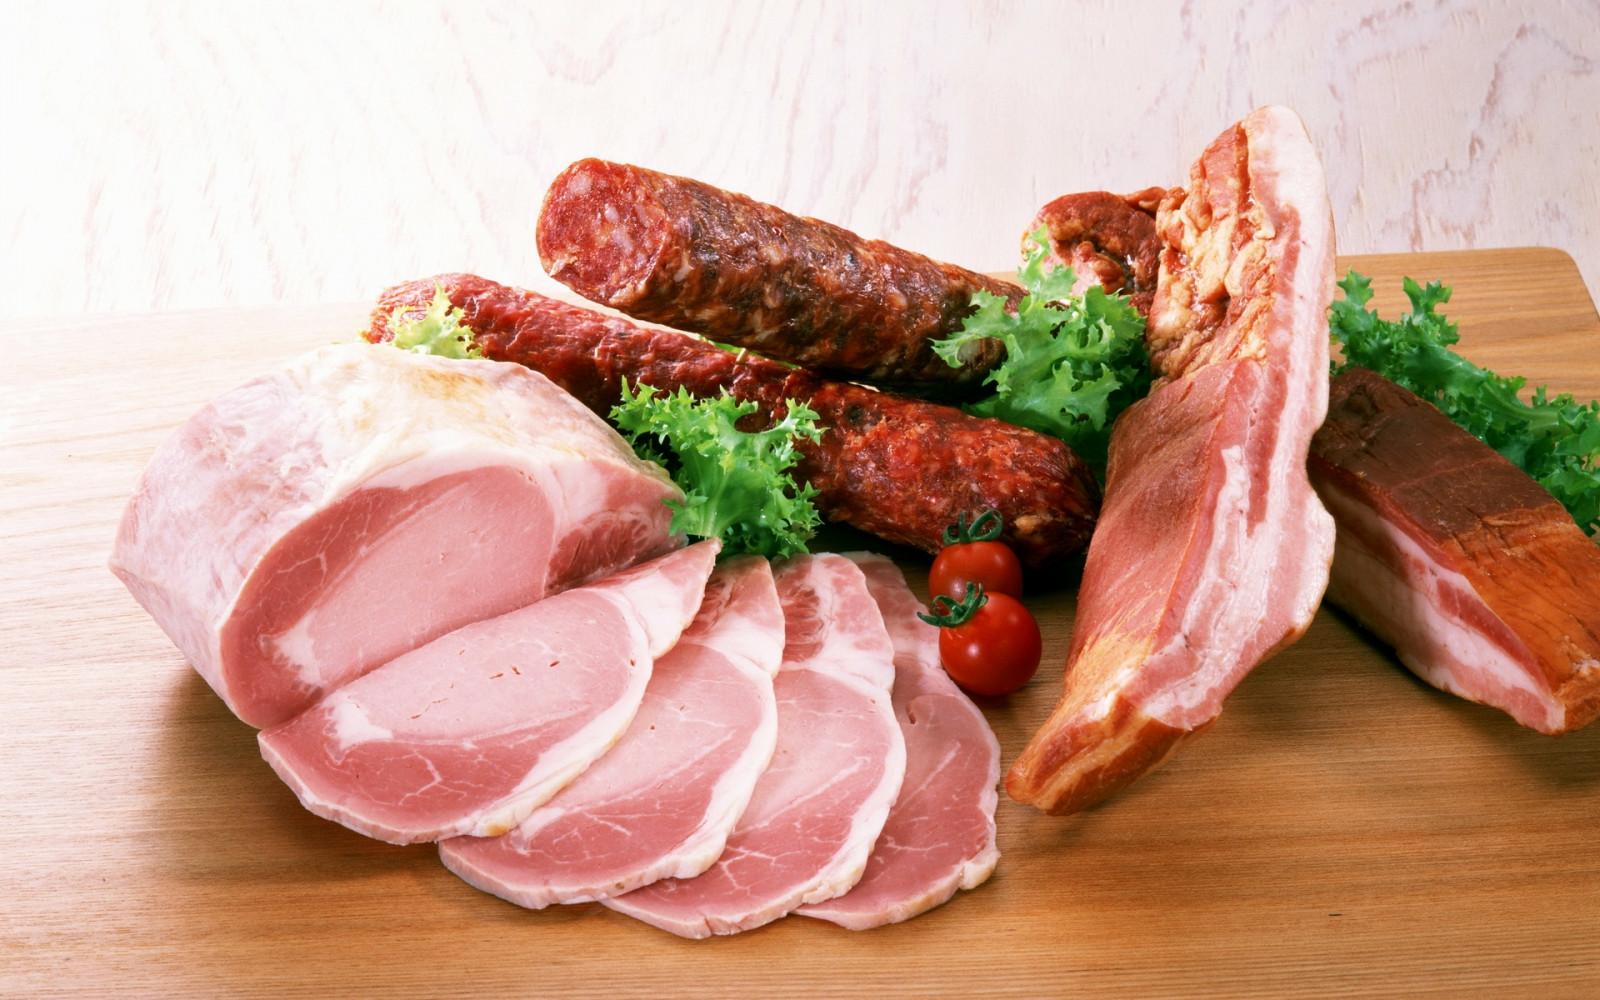 Приготовление колбас и мяса в домашних условиях